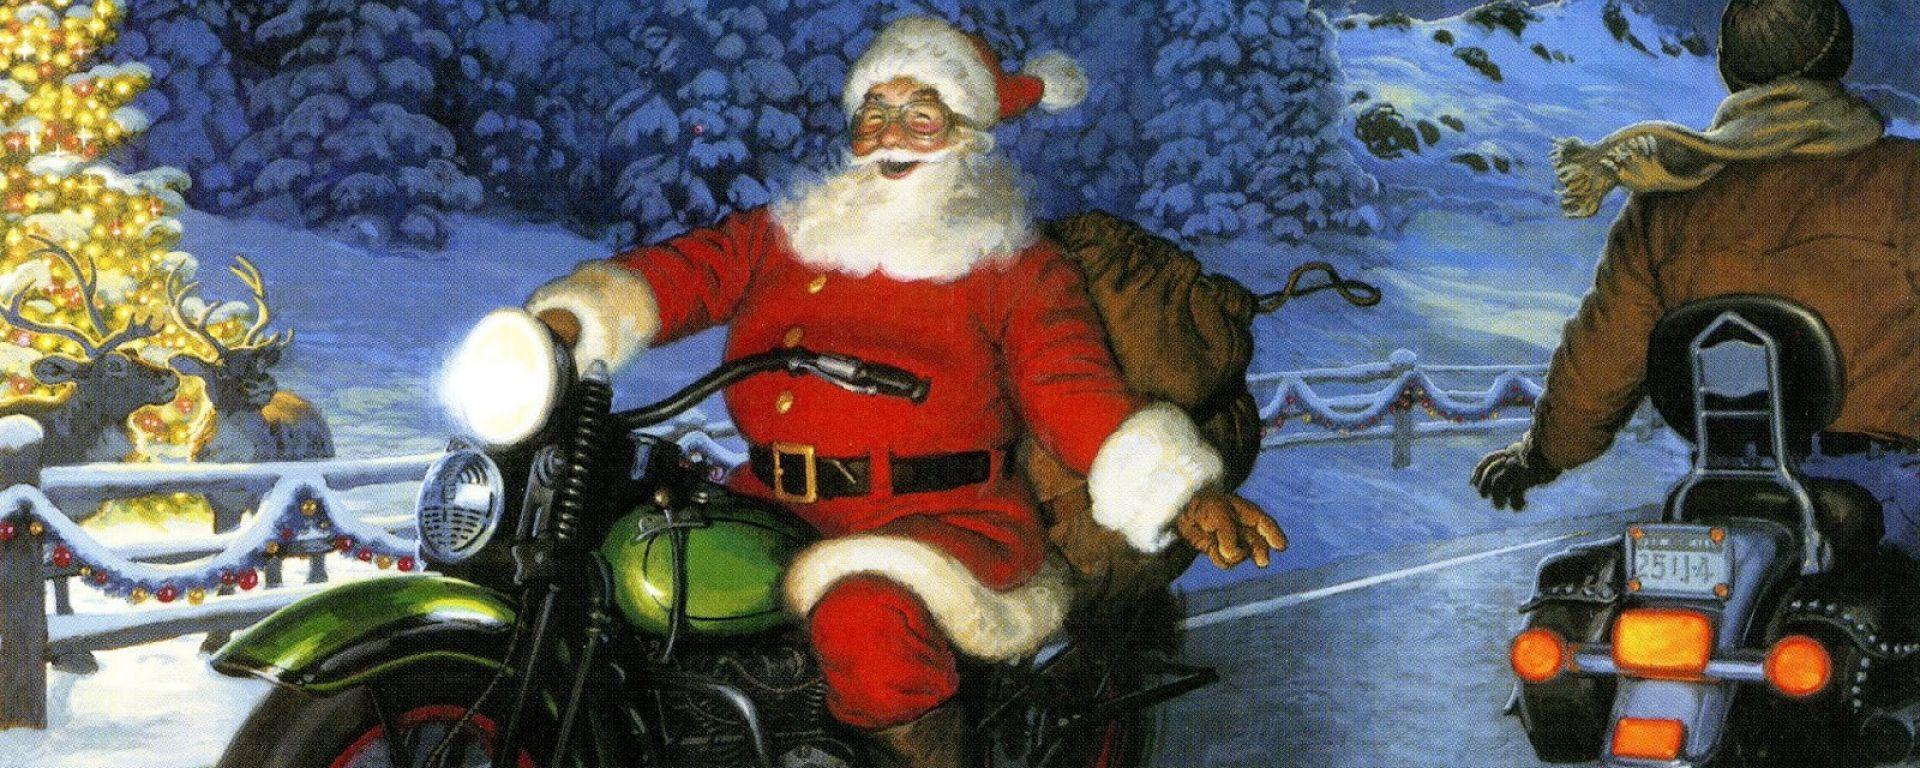 Lettera di un motociclista a Babbo Natale